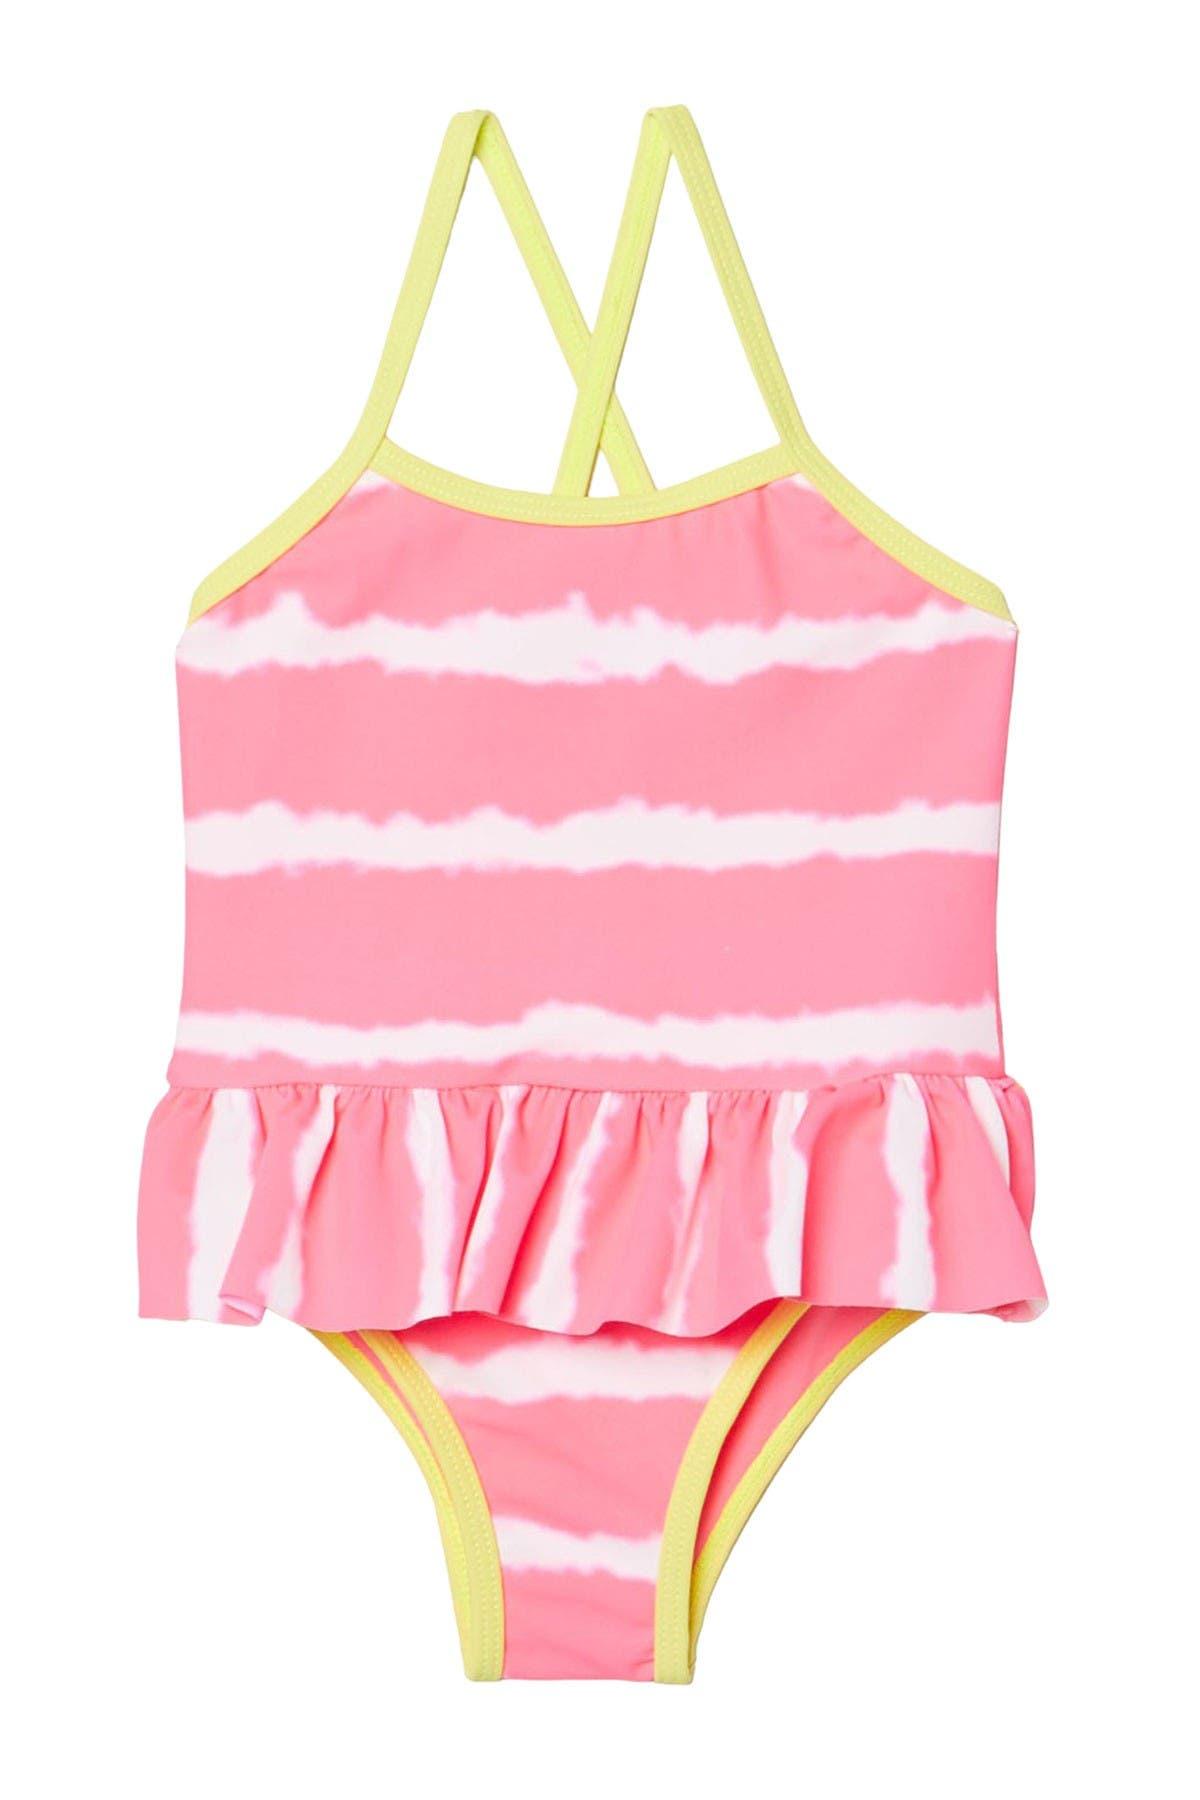 Image of Kensie Girl Tie-Dye Stripe Ruffle One-Piece Swimsuit